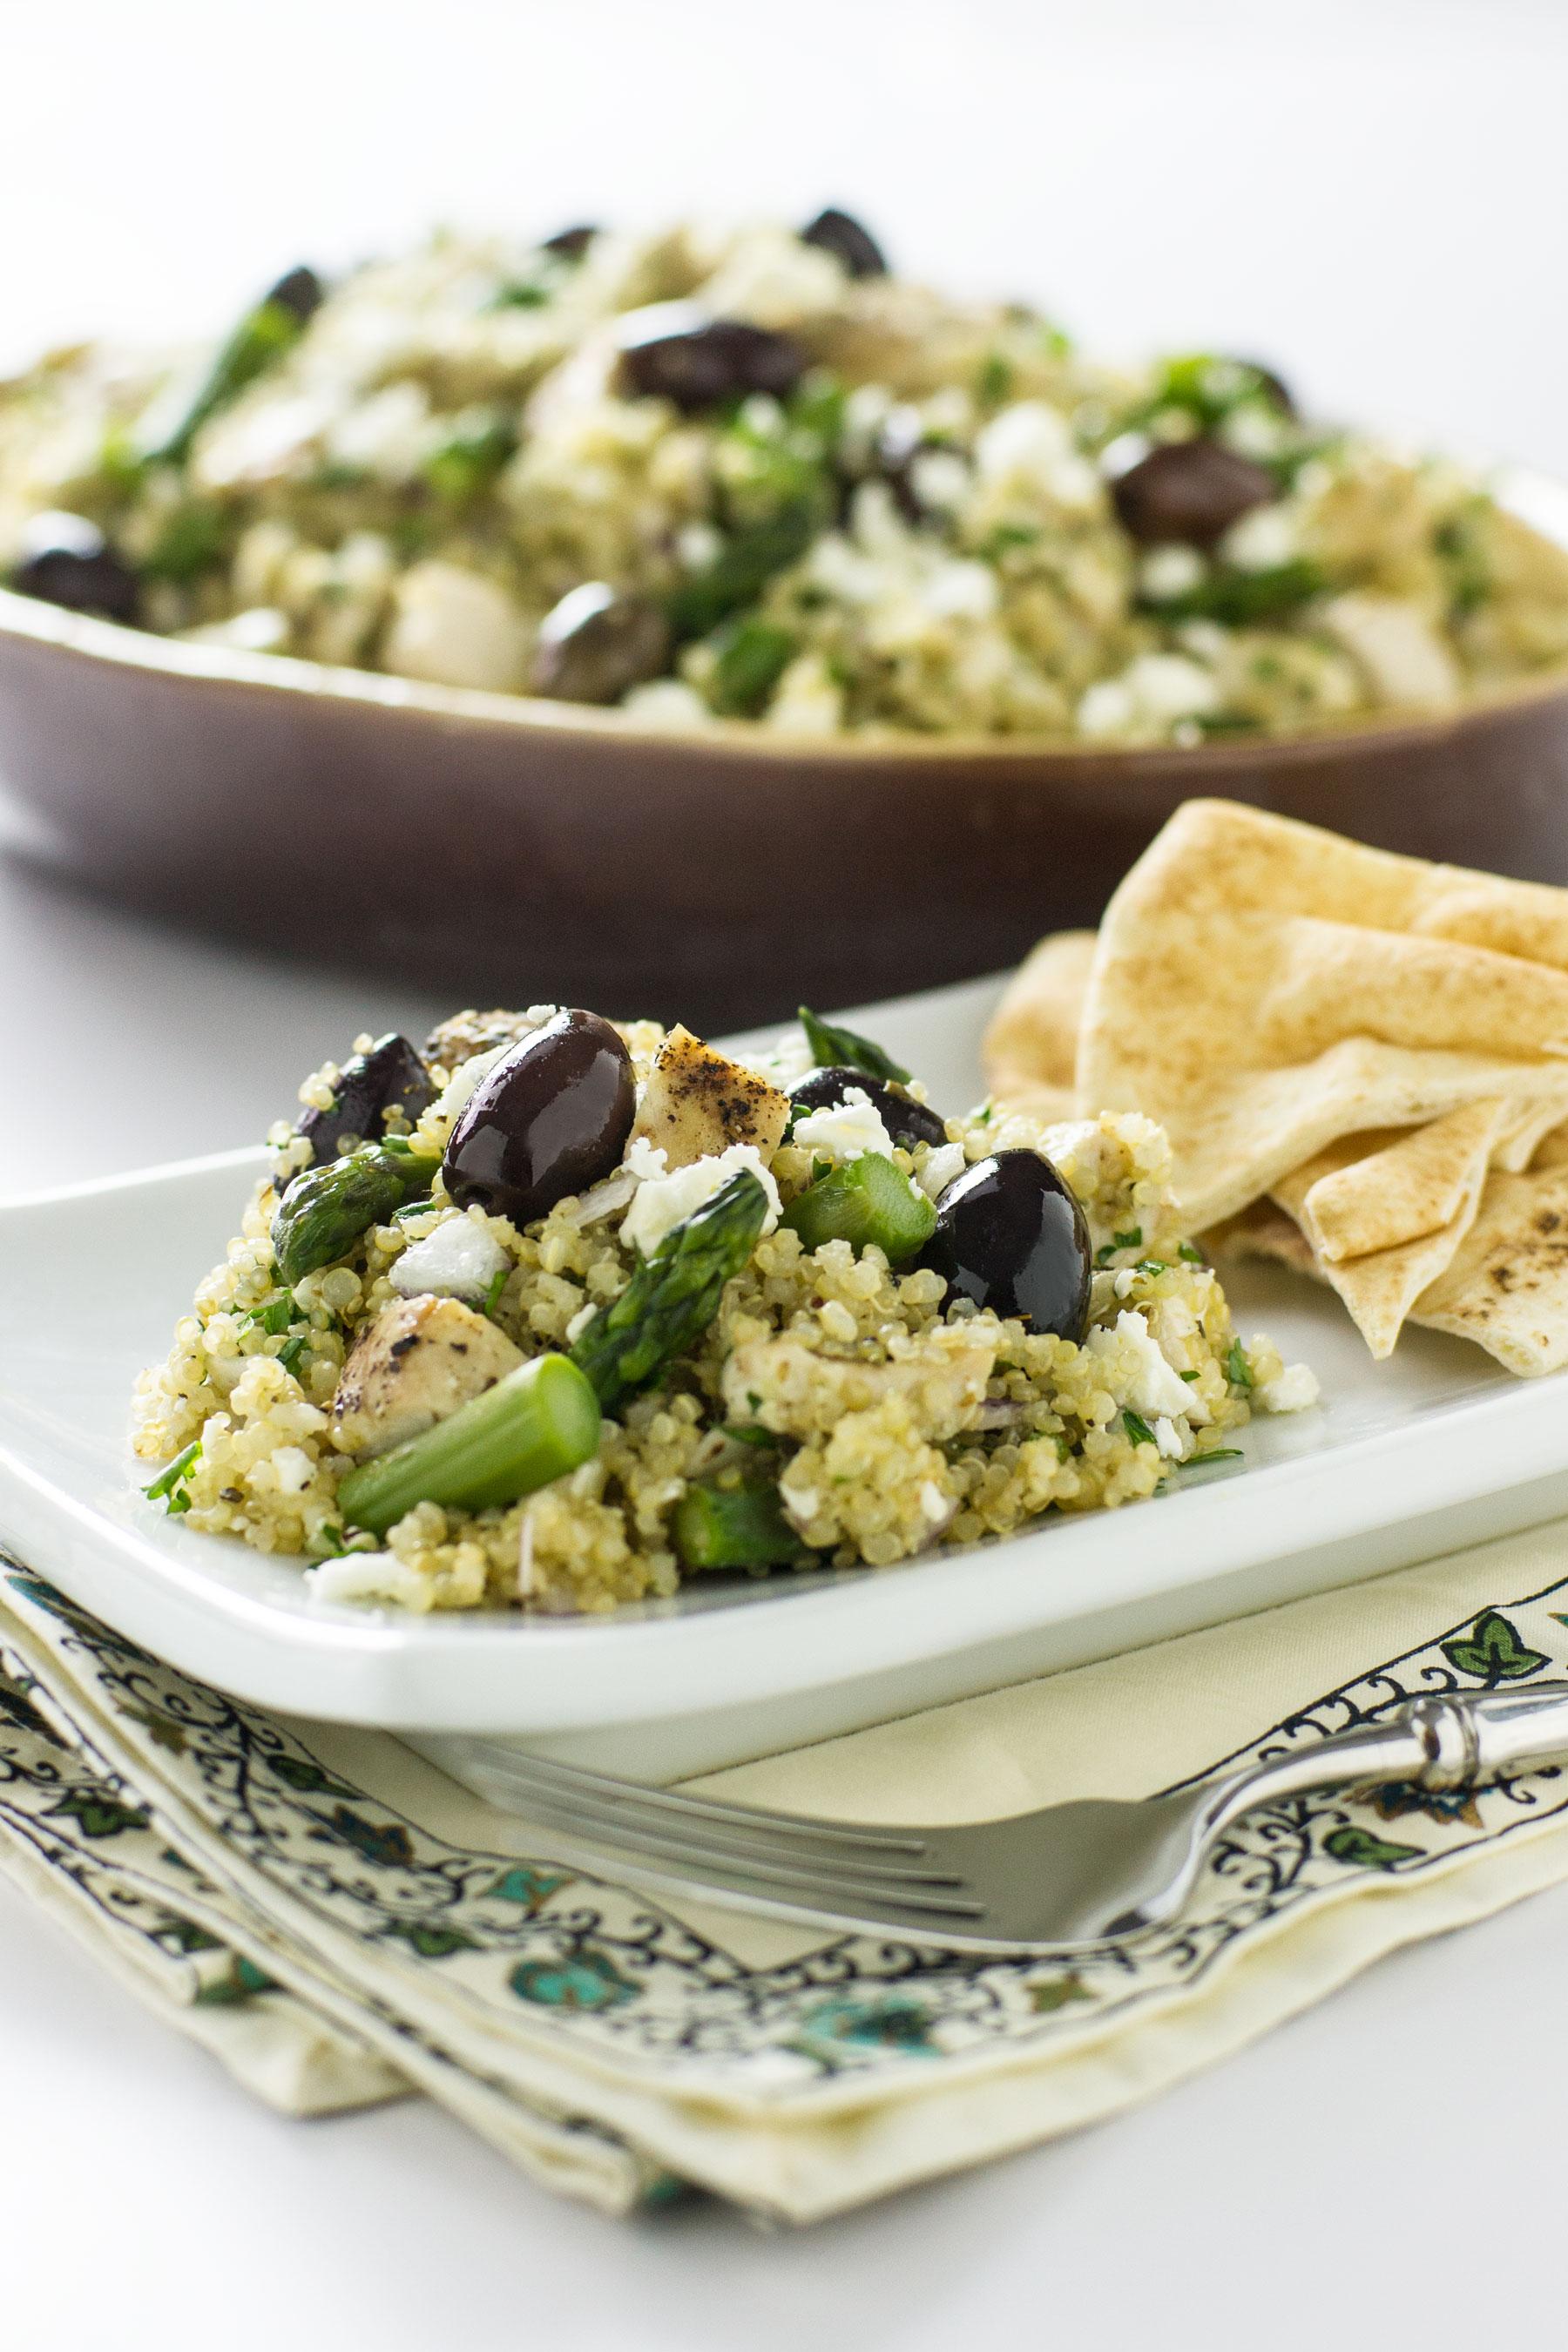 Mediterranean Chicken and Quinoa Salad by Sam Henderson of Today's Nest